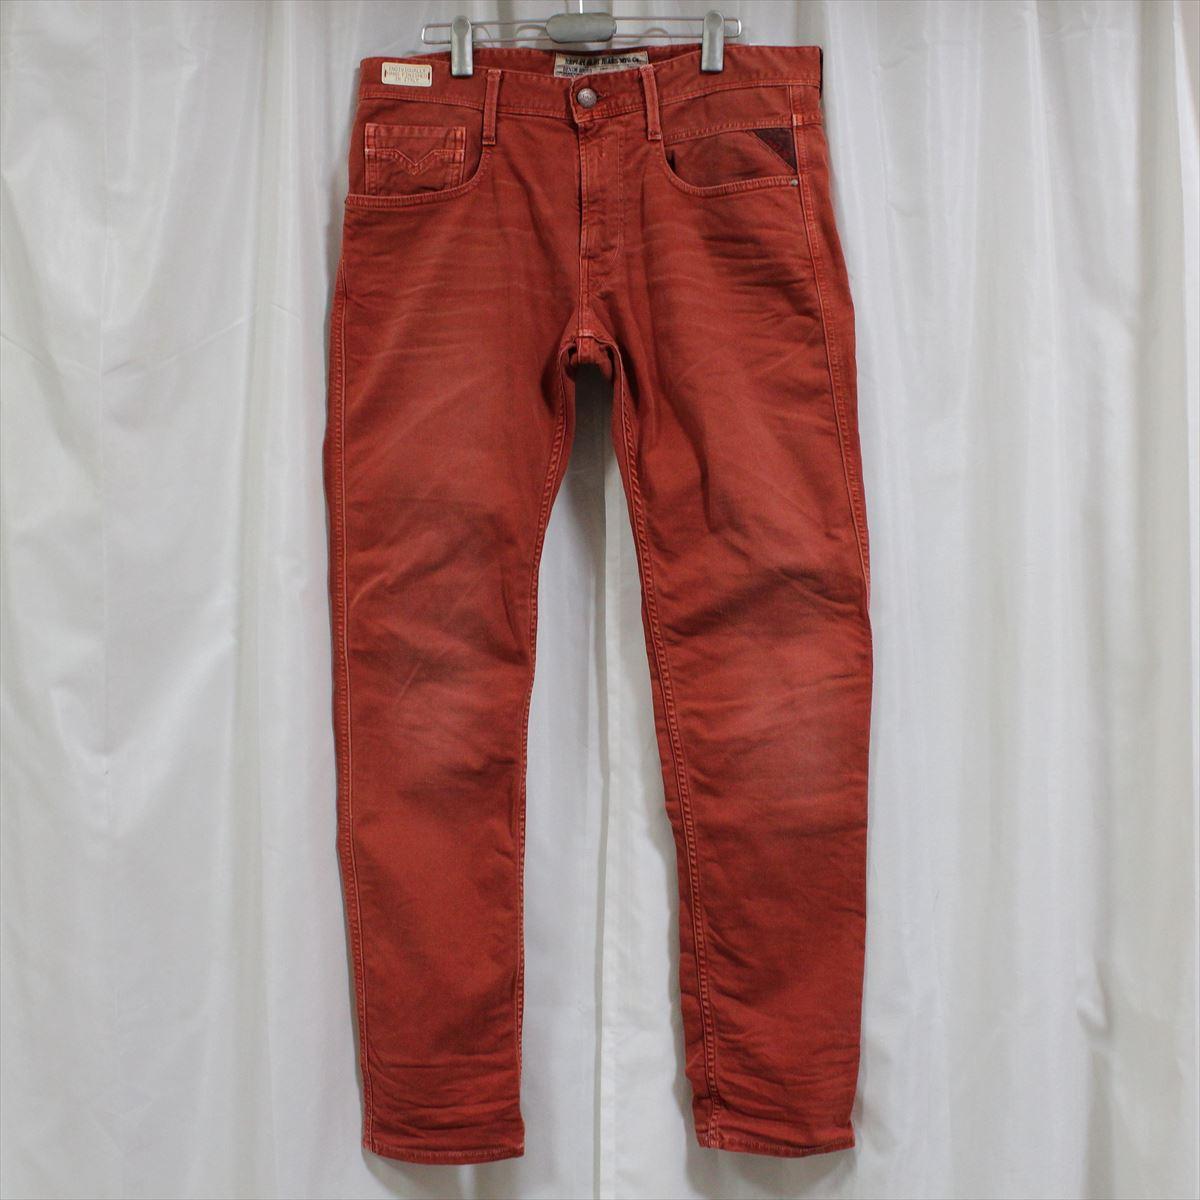 リプレイ REPLAY メンズカラーパンツ ジーンズ デニムパンツ SLIM レンガ色 新品 REPLAY BLUE JEANS anbass slim jeans